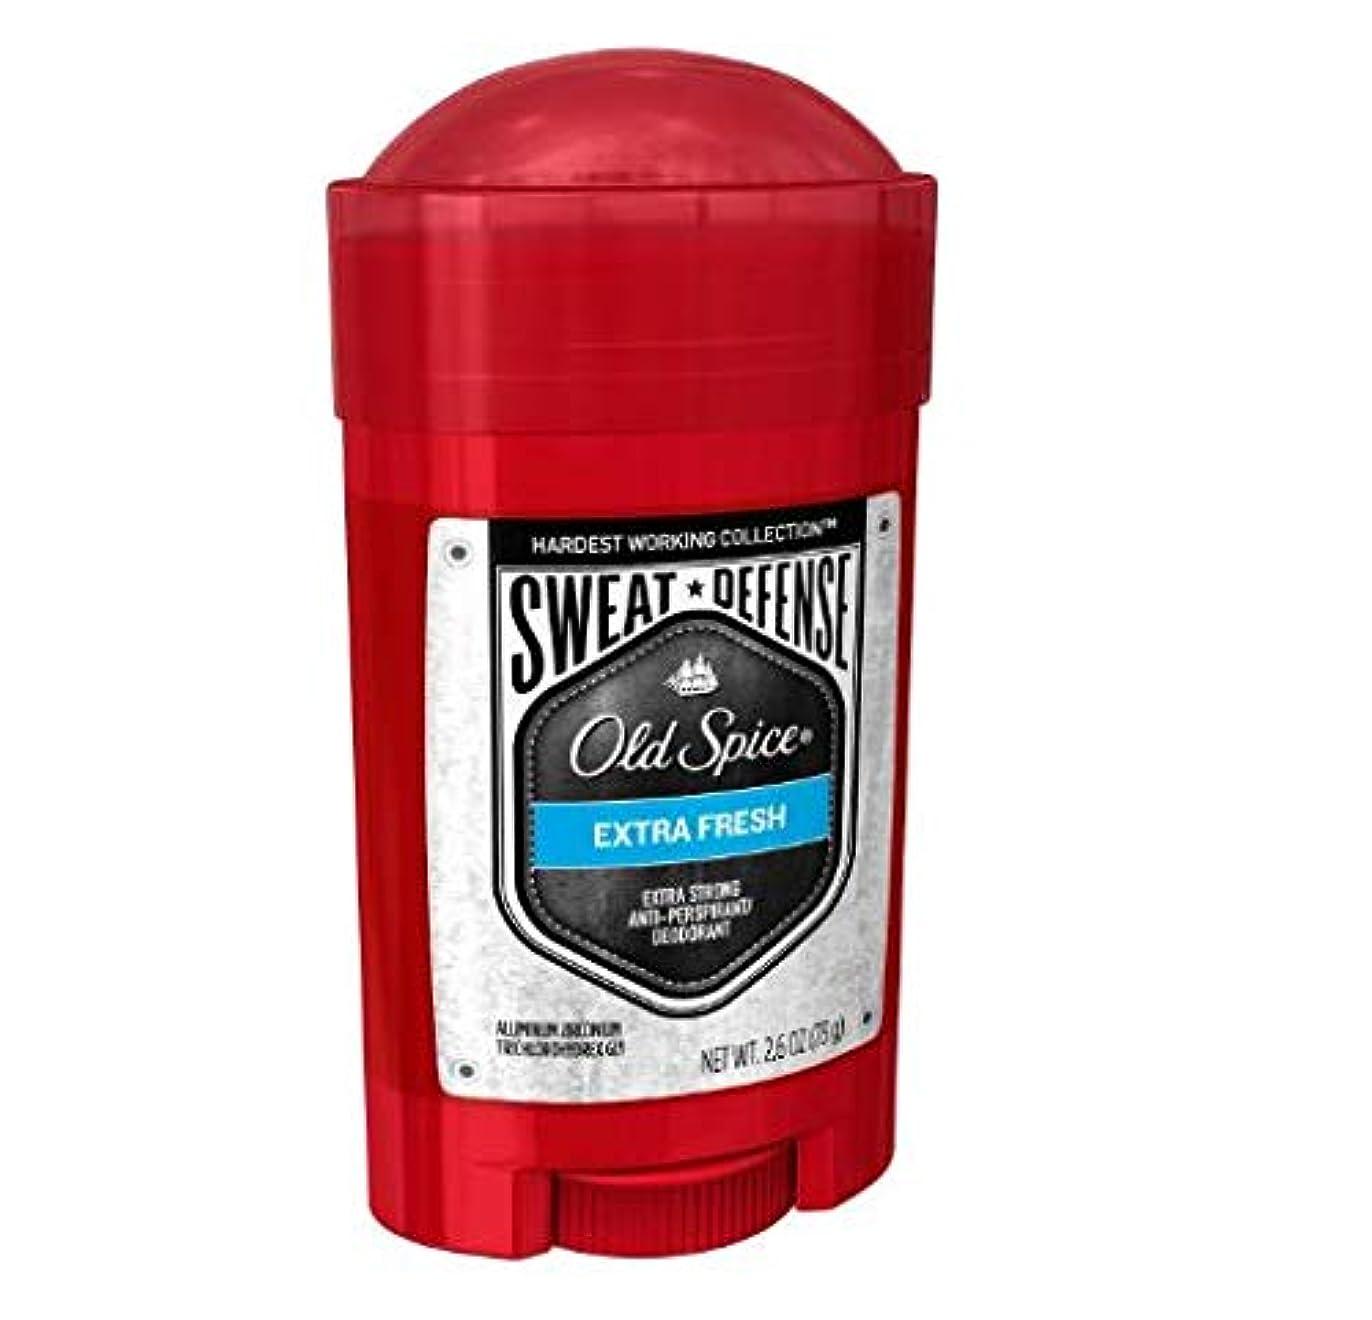 れるデクリメント無許可Old Spice Hardest Working Collection Sweat Defense Extra Fresh Antiperspirant and Deodorant - 2.6oz オールドスパイス ハーデスト...